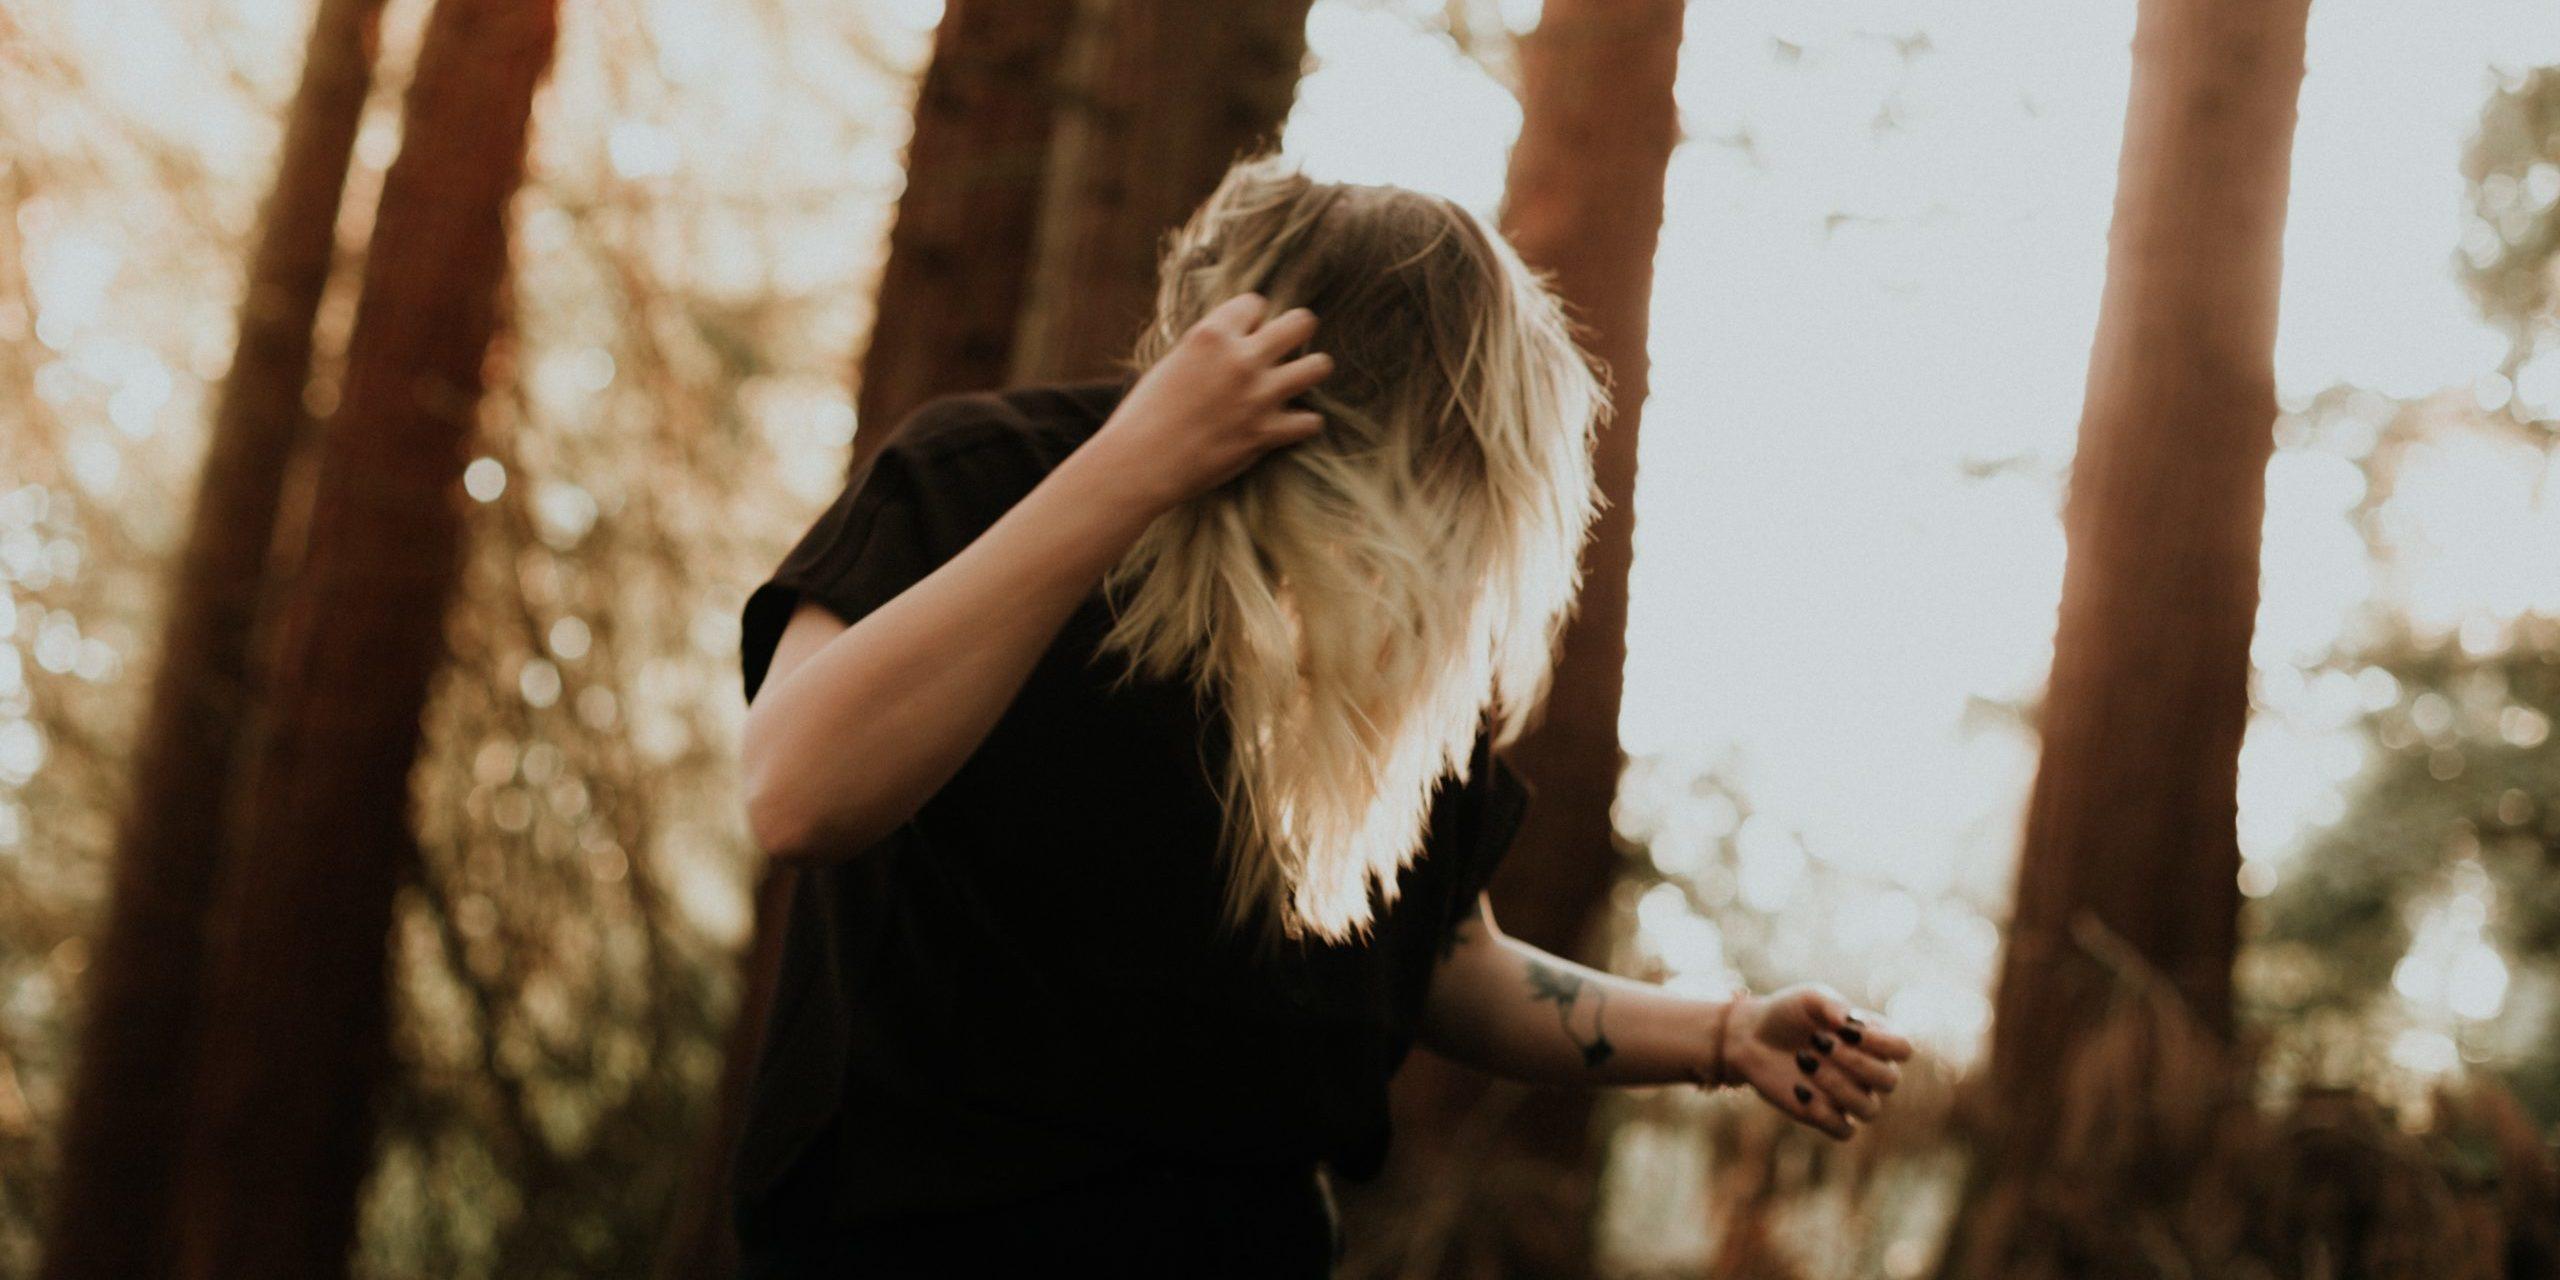 solitudine e dolore